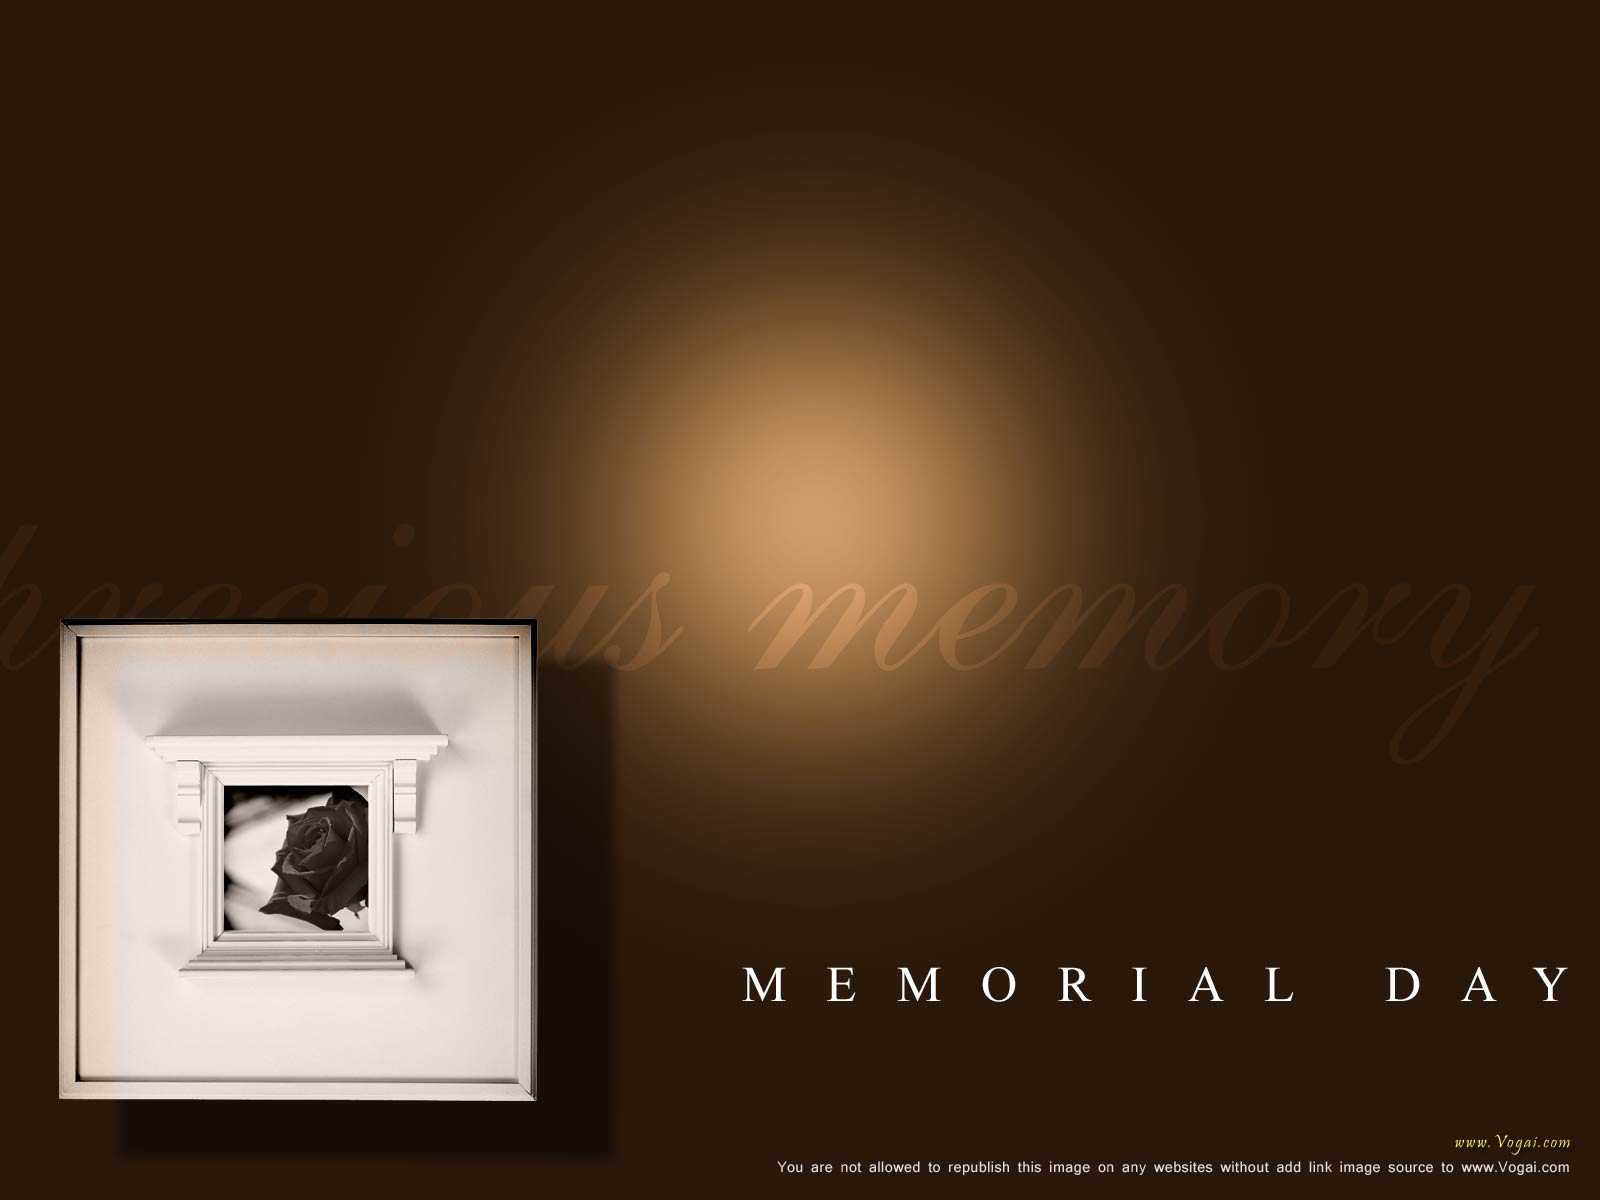 Memorial Powerpoint Template - Karan.ald2014 In Funeral Powerpoint Templates